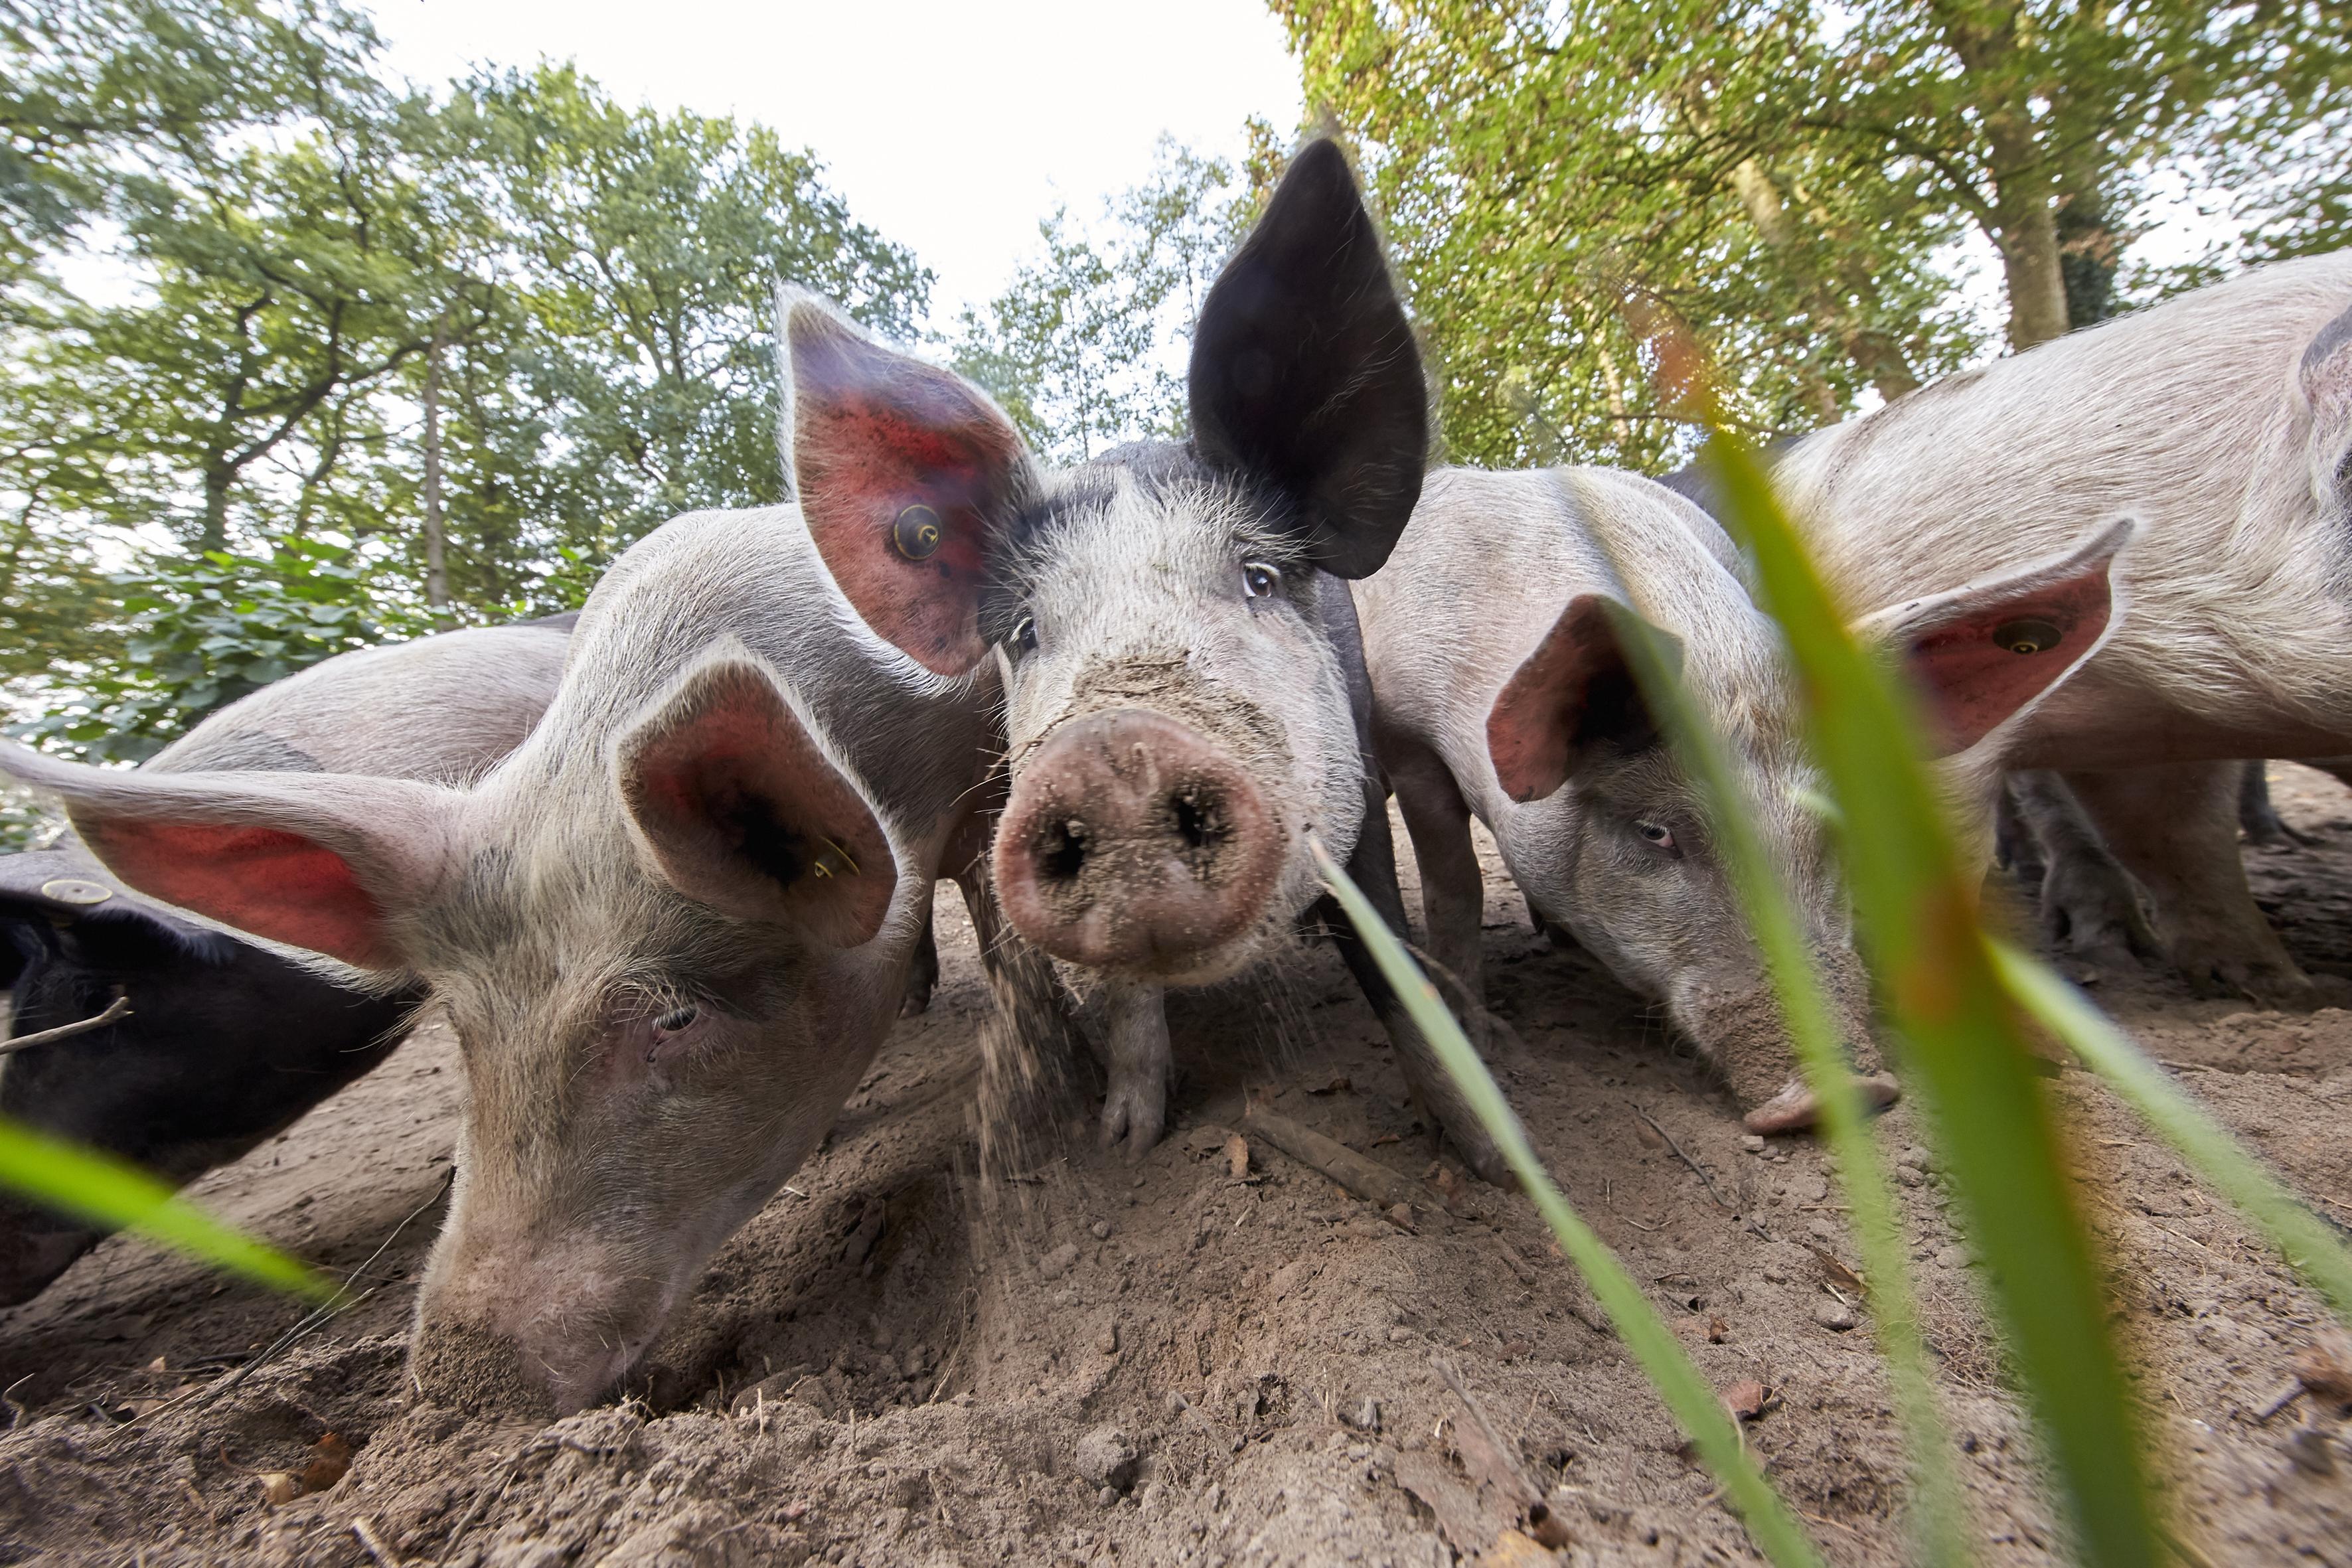 Woelende varkens en rijen vol sla: wie duurzaam en lokaal geproduceerde producten wil eten, kan straks terecht op de boerderij van Herenboeren Duinstreek